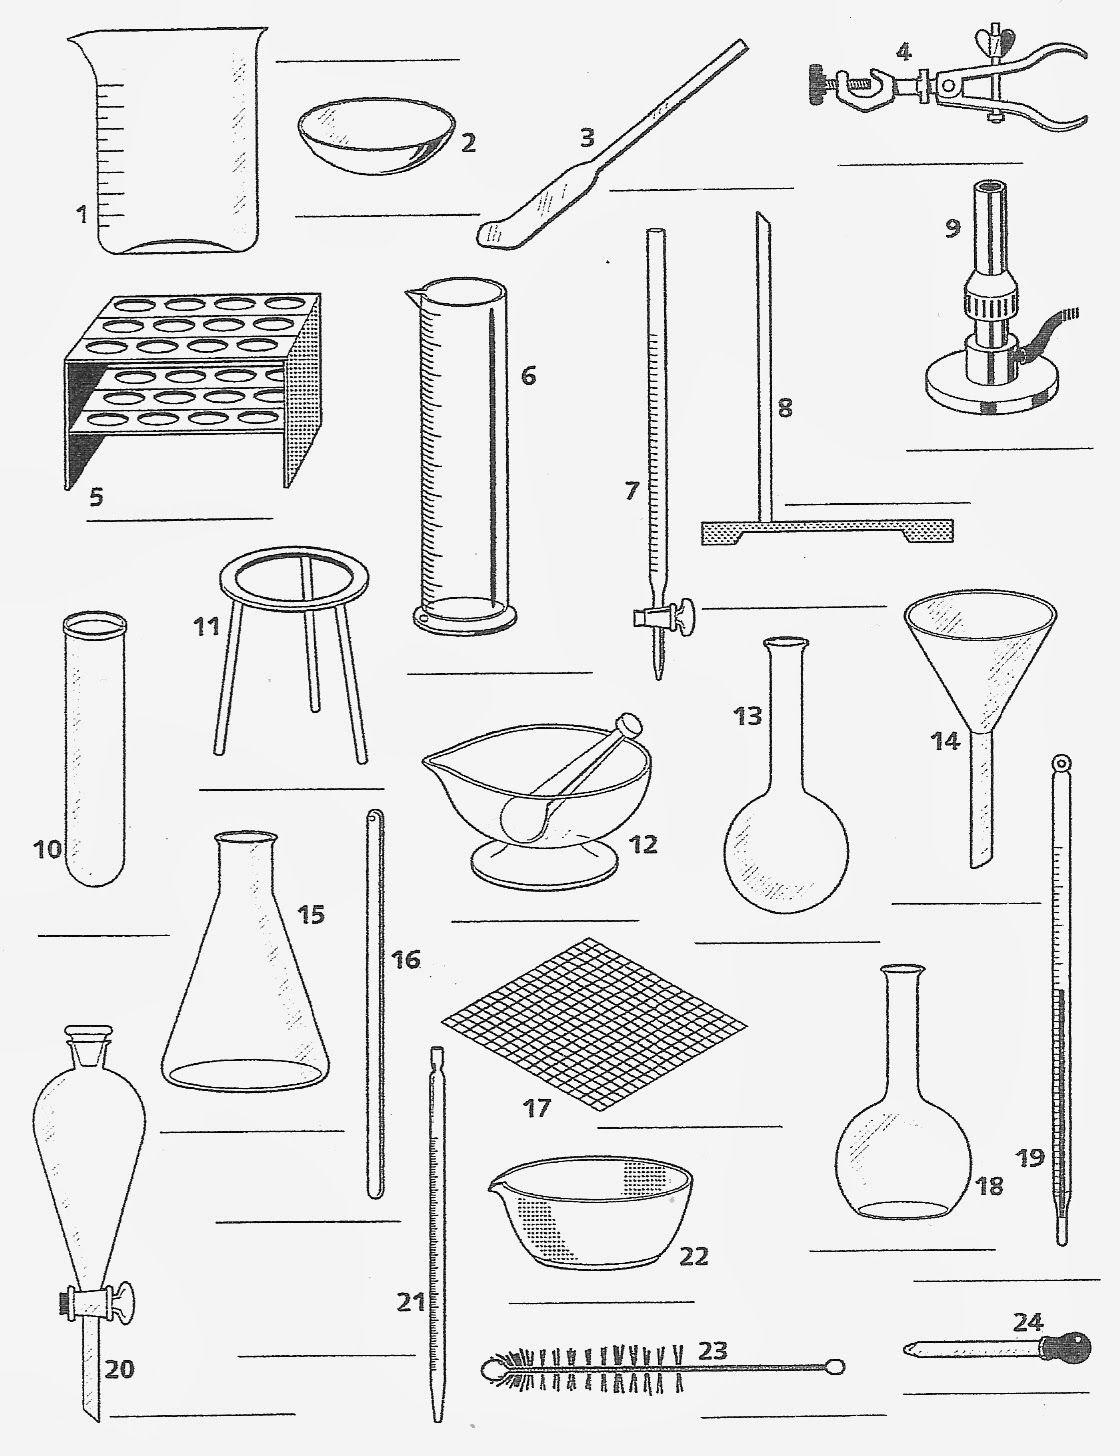 Practicas De Biologia Practica 1 Identificacion Del Material De Laboratorio Materiales De Laboratorio Ensenanza De Quimica Laboratorios De Ciencias